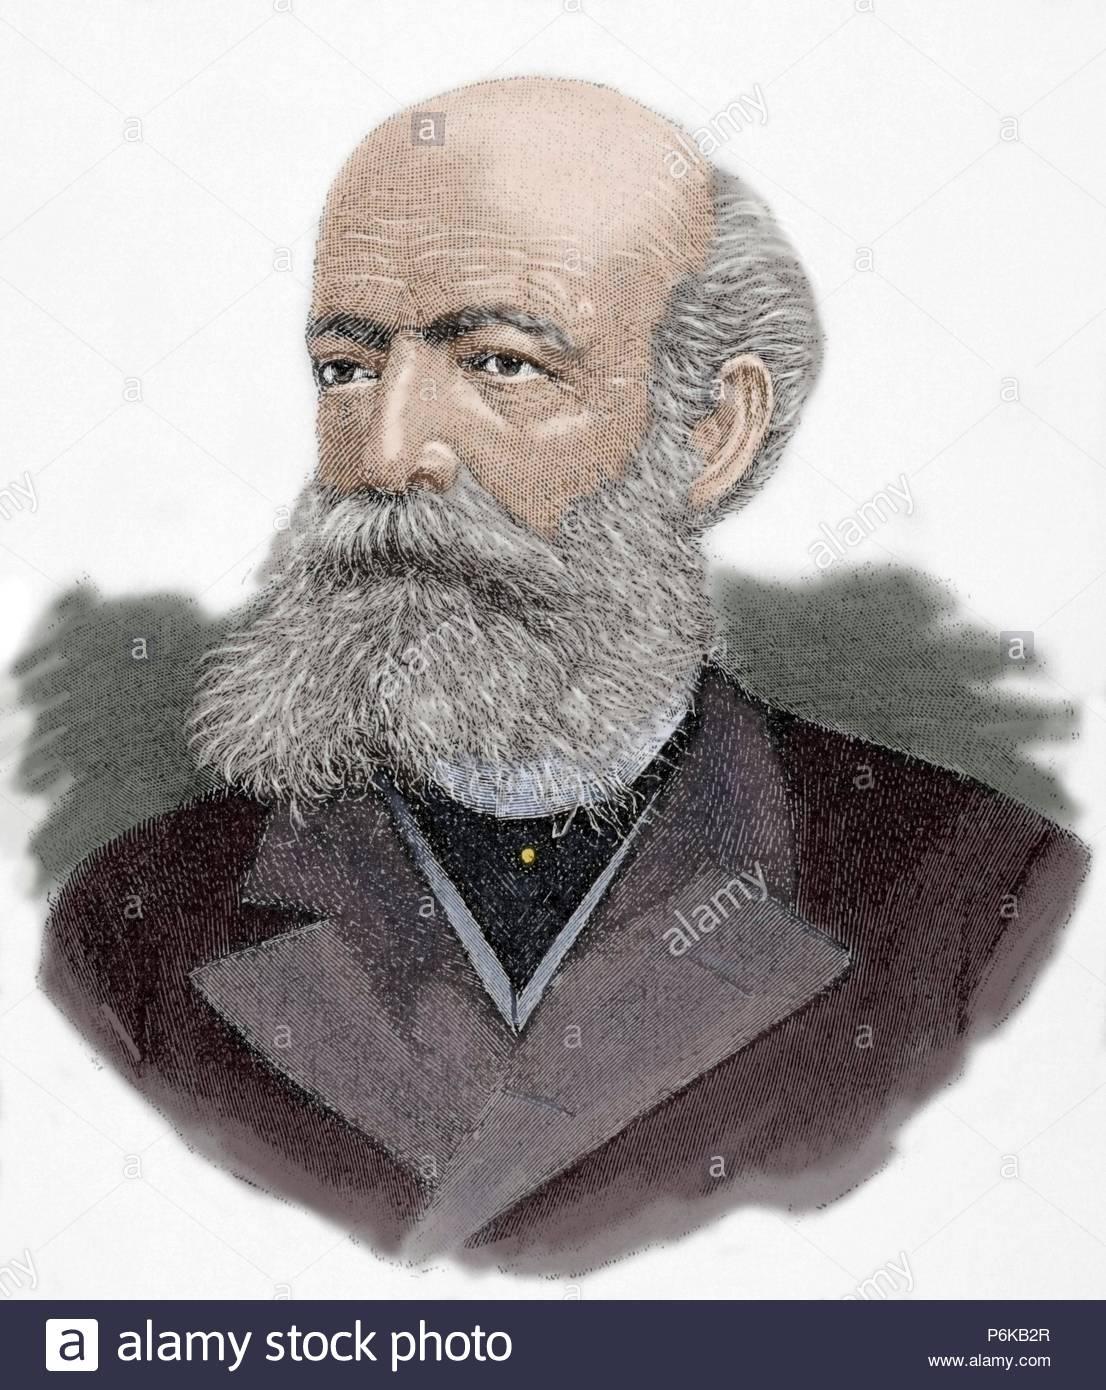 Friedrich August Kekule von Stradonitz (1829-1896). German chemist.  Engraving, 19th century. Colored.